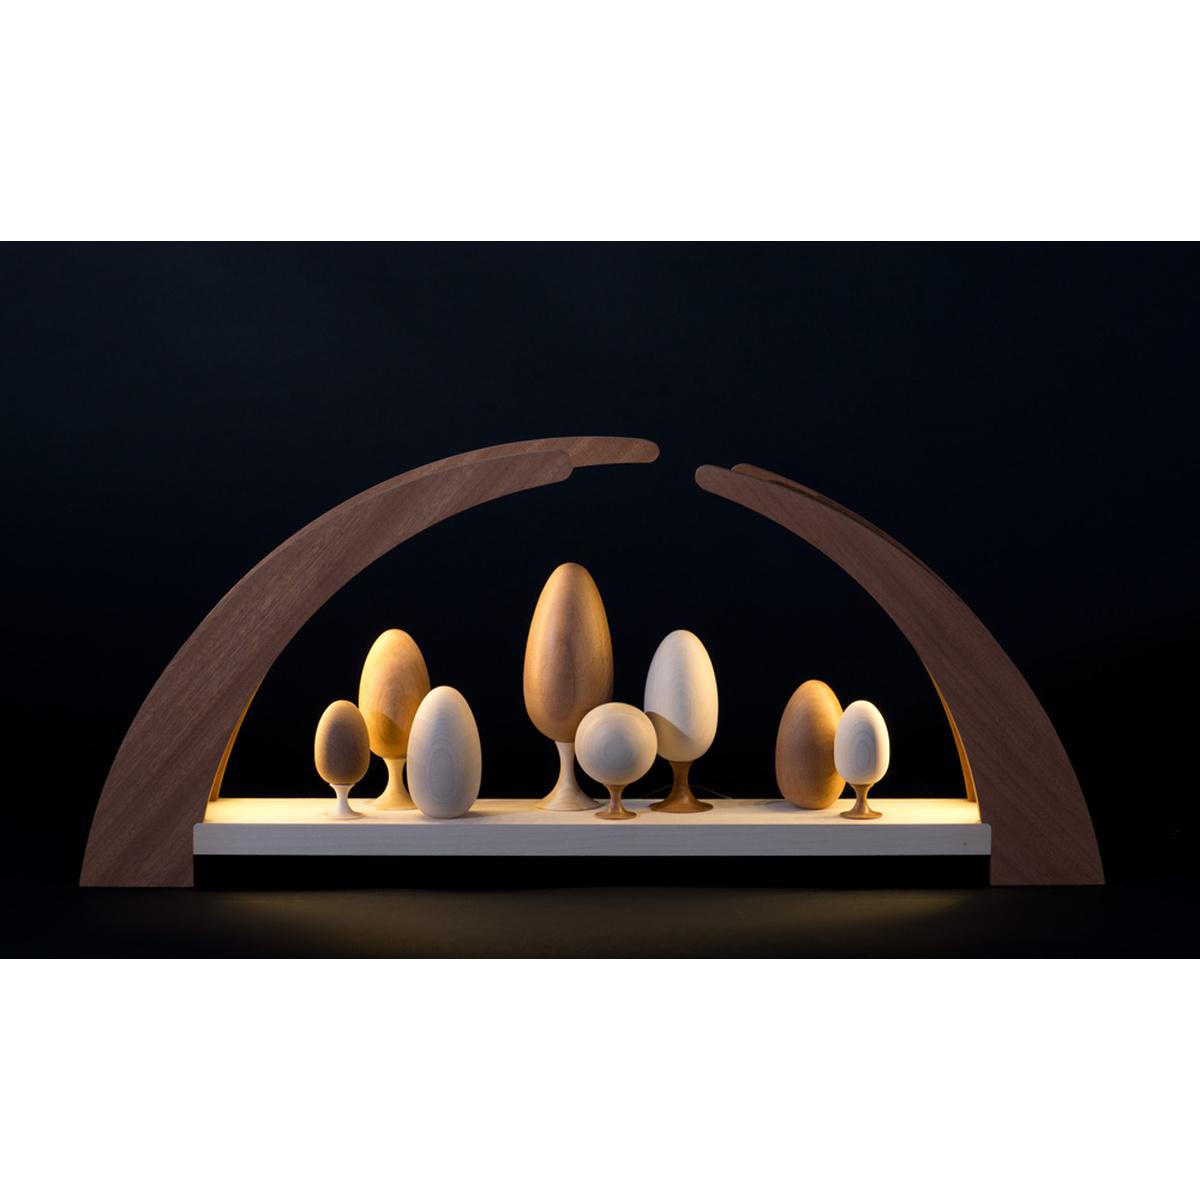 schwibbogen led beleuchtung mit b umen von rauta f r 305 kaufen. Black Bedroom Furniture Sets. Home Design Ideas